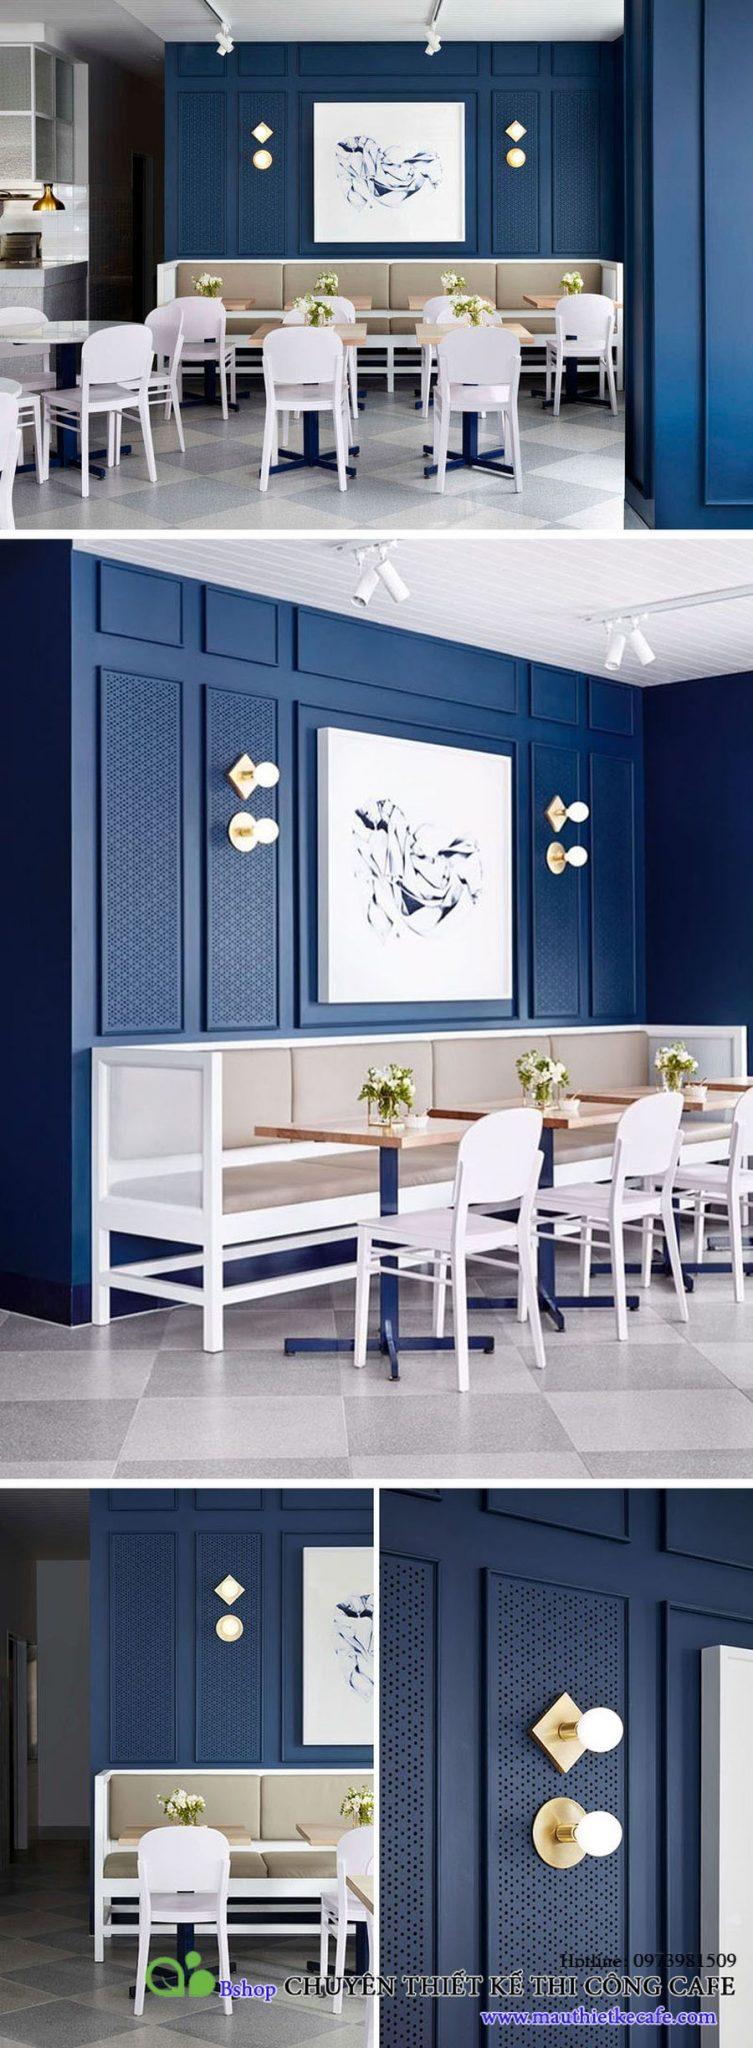 cafe trang xanh ca tinh (7)mauthietkecafe.com